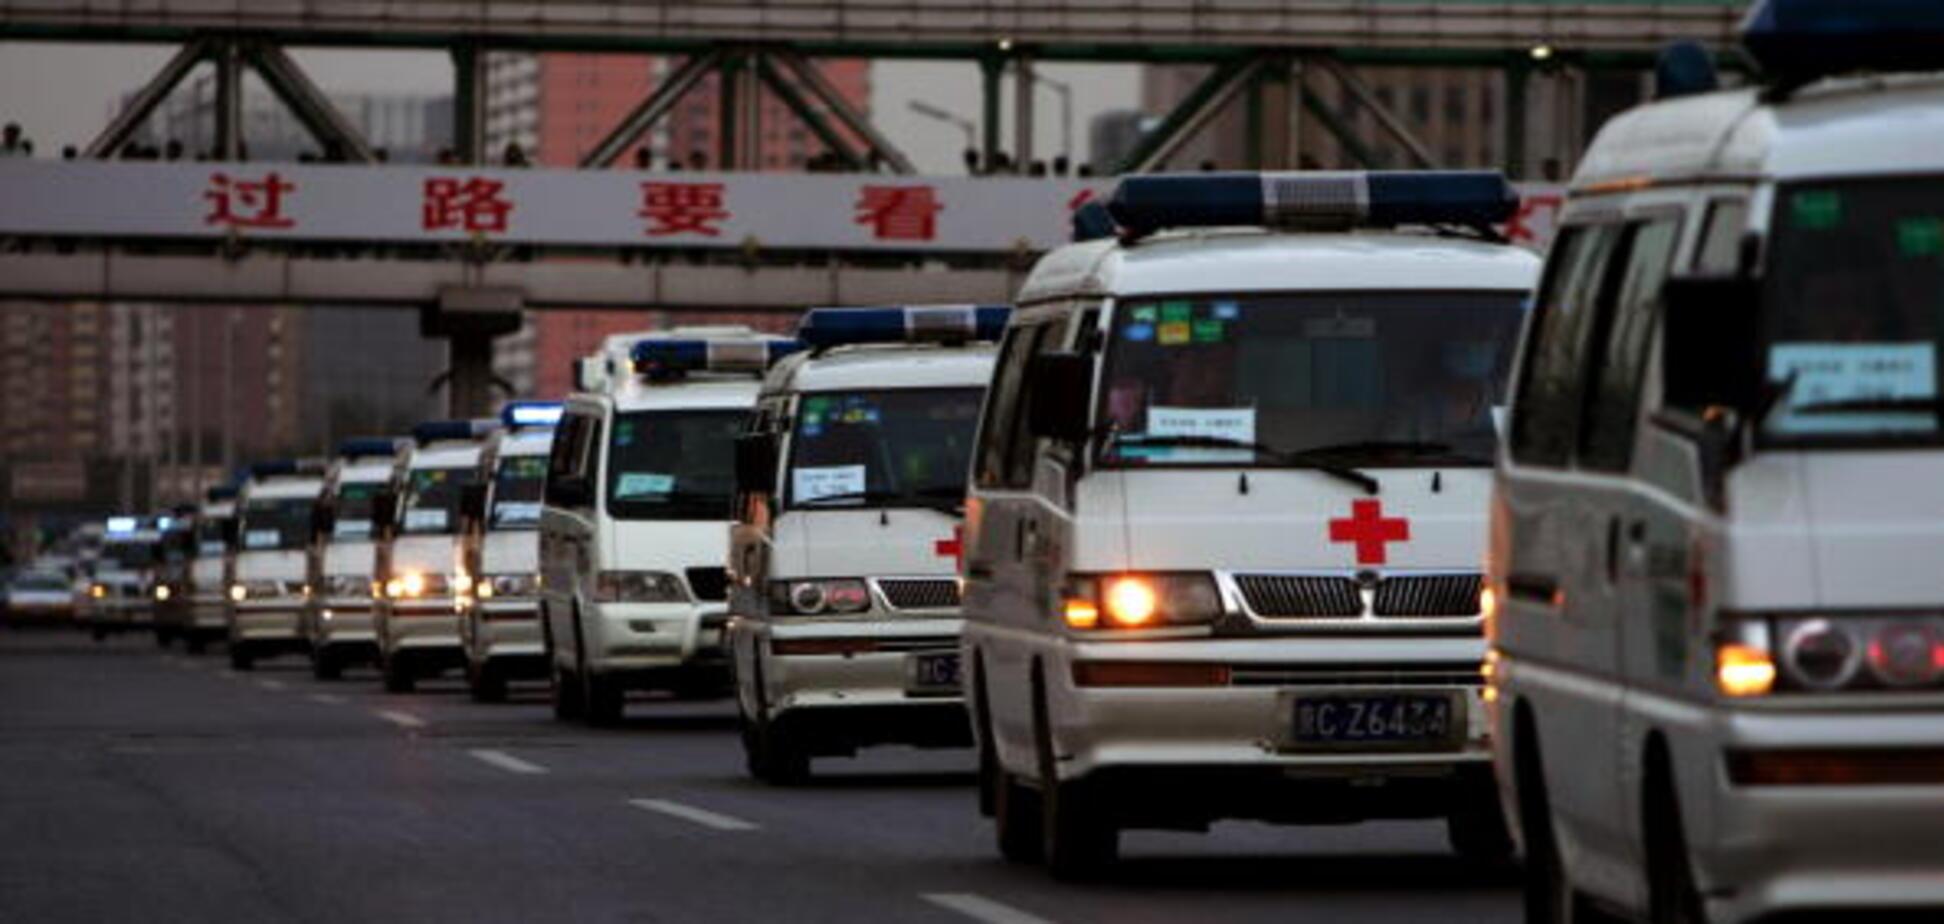 'Честная таможня': в одесском порту 'застряли' 40 машин 'скорой' из Китая